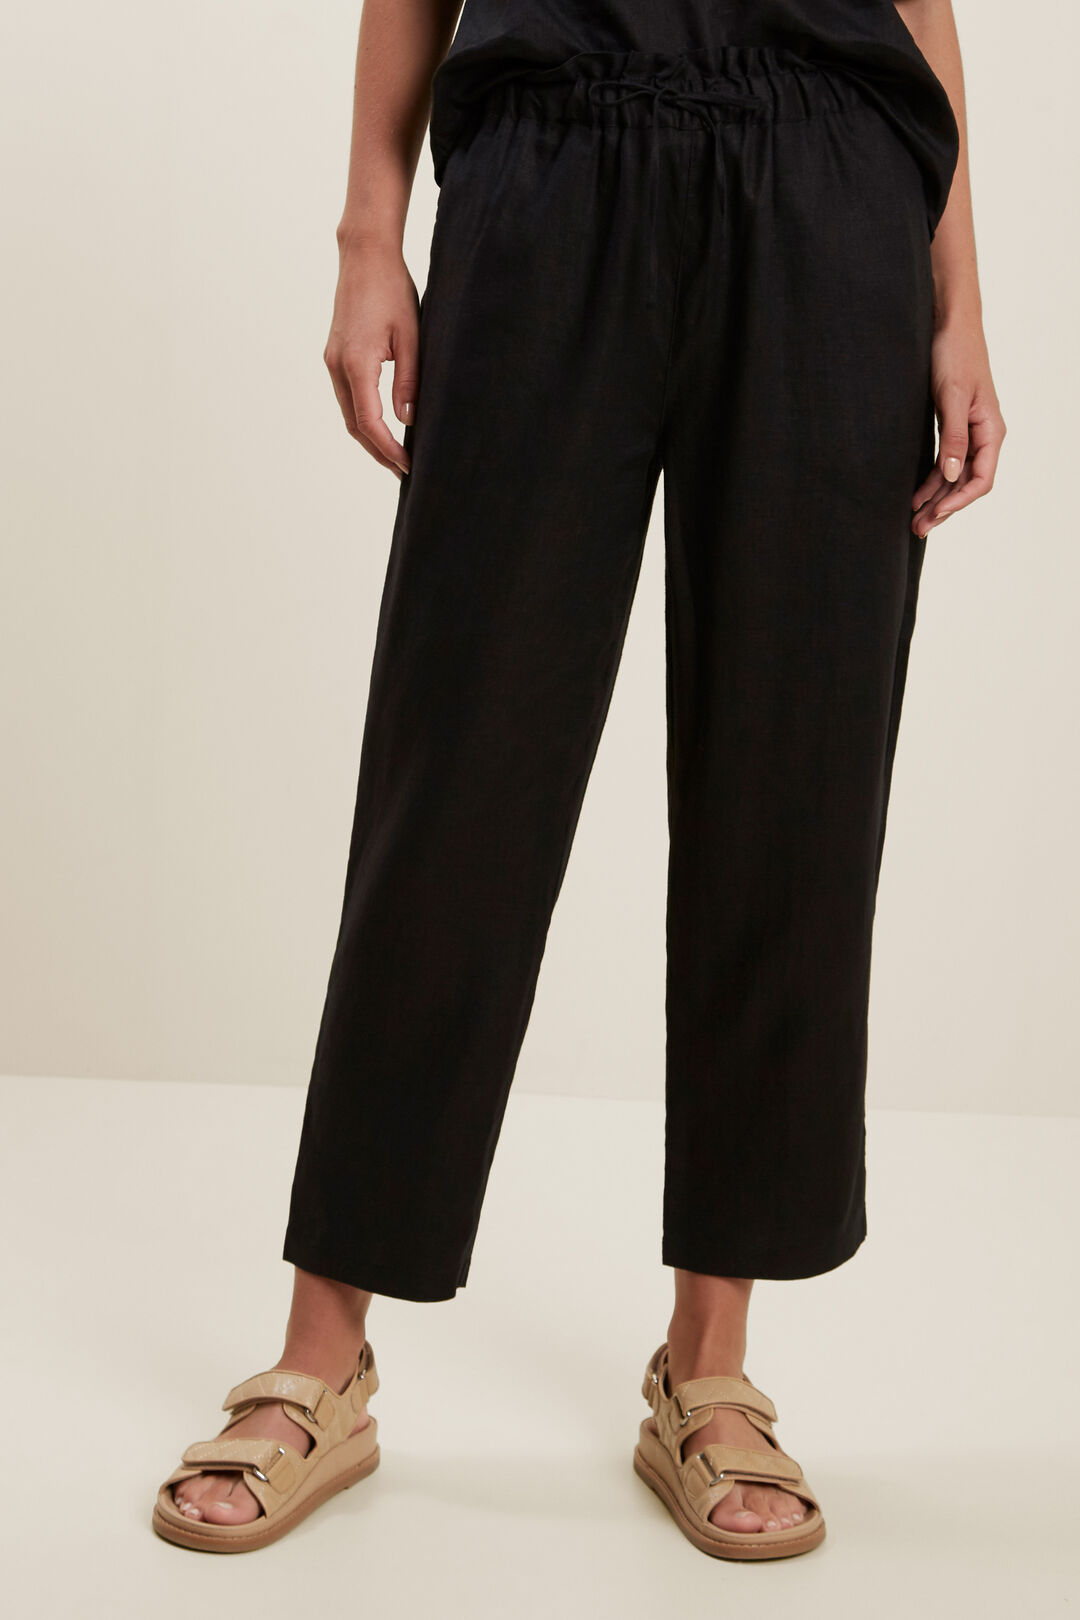 Core Linen Tie Up Pant  Black  hi-res